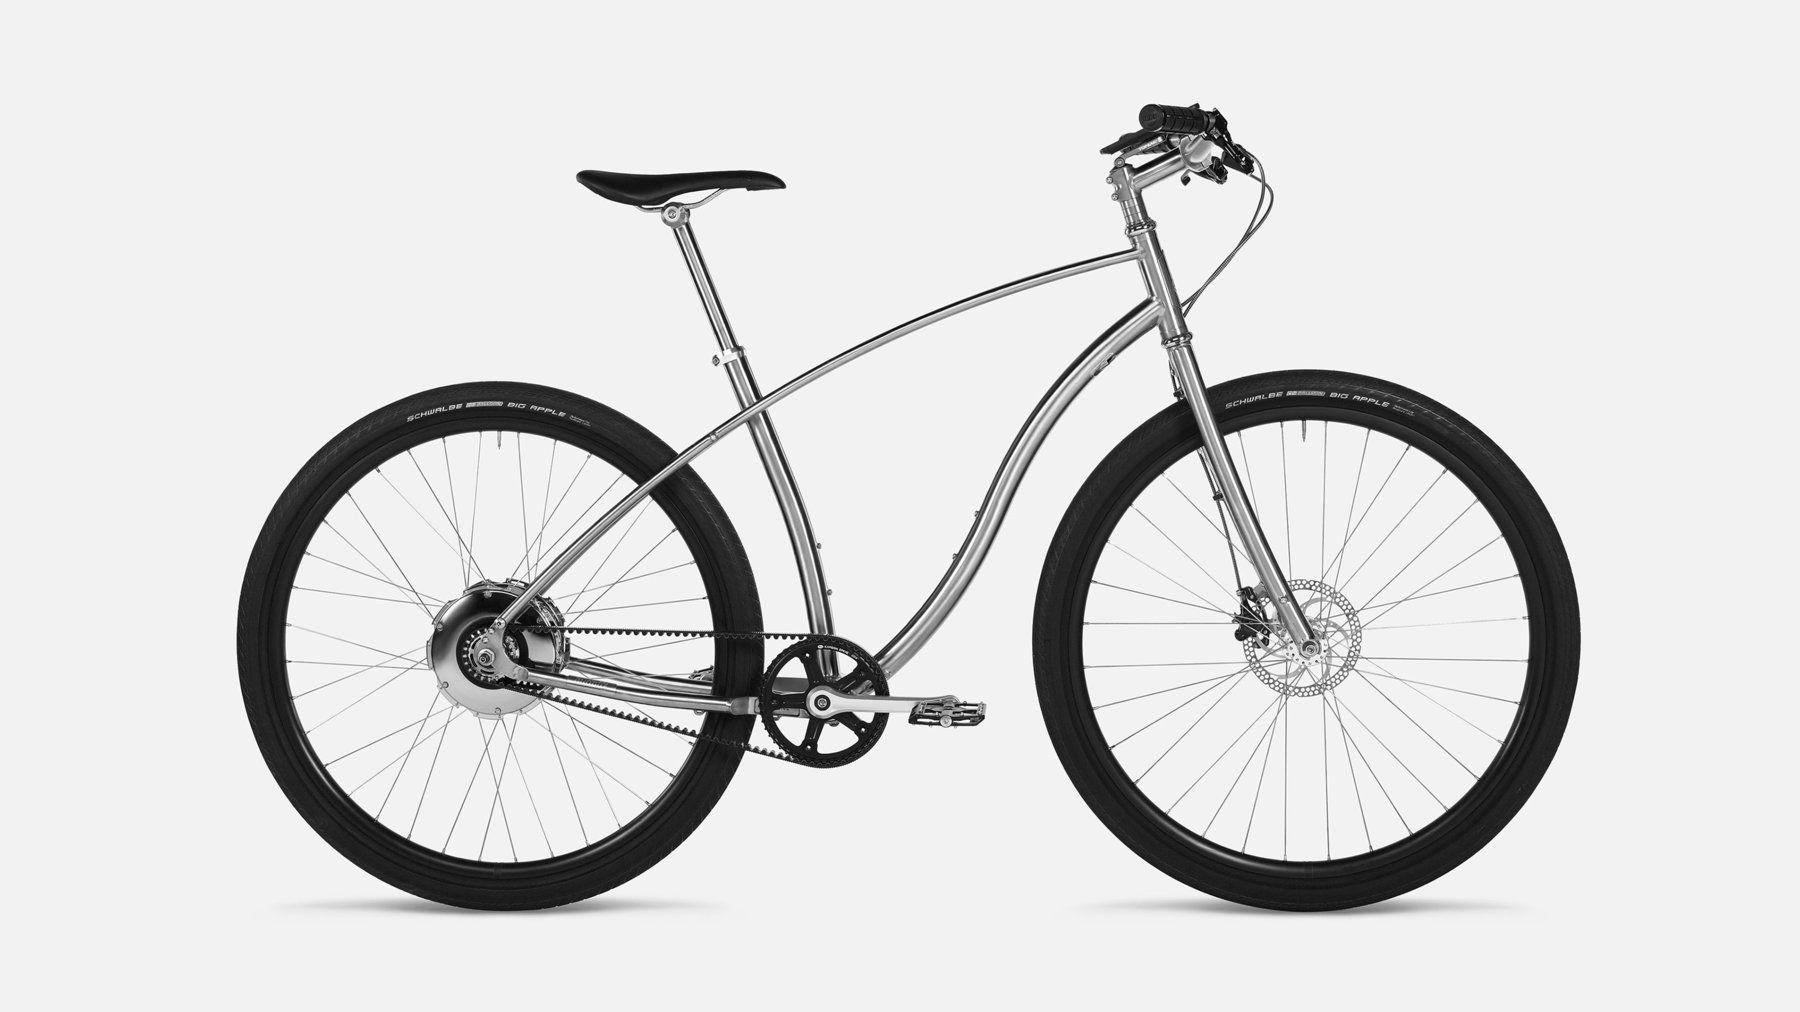 Belt Drive Titanium E Bike Budnitz Model E This Is What I Want